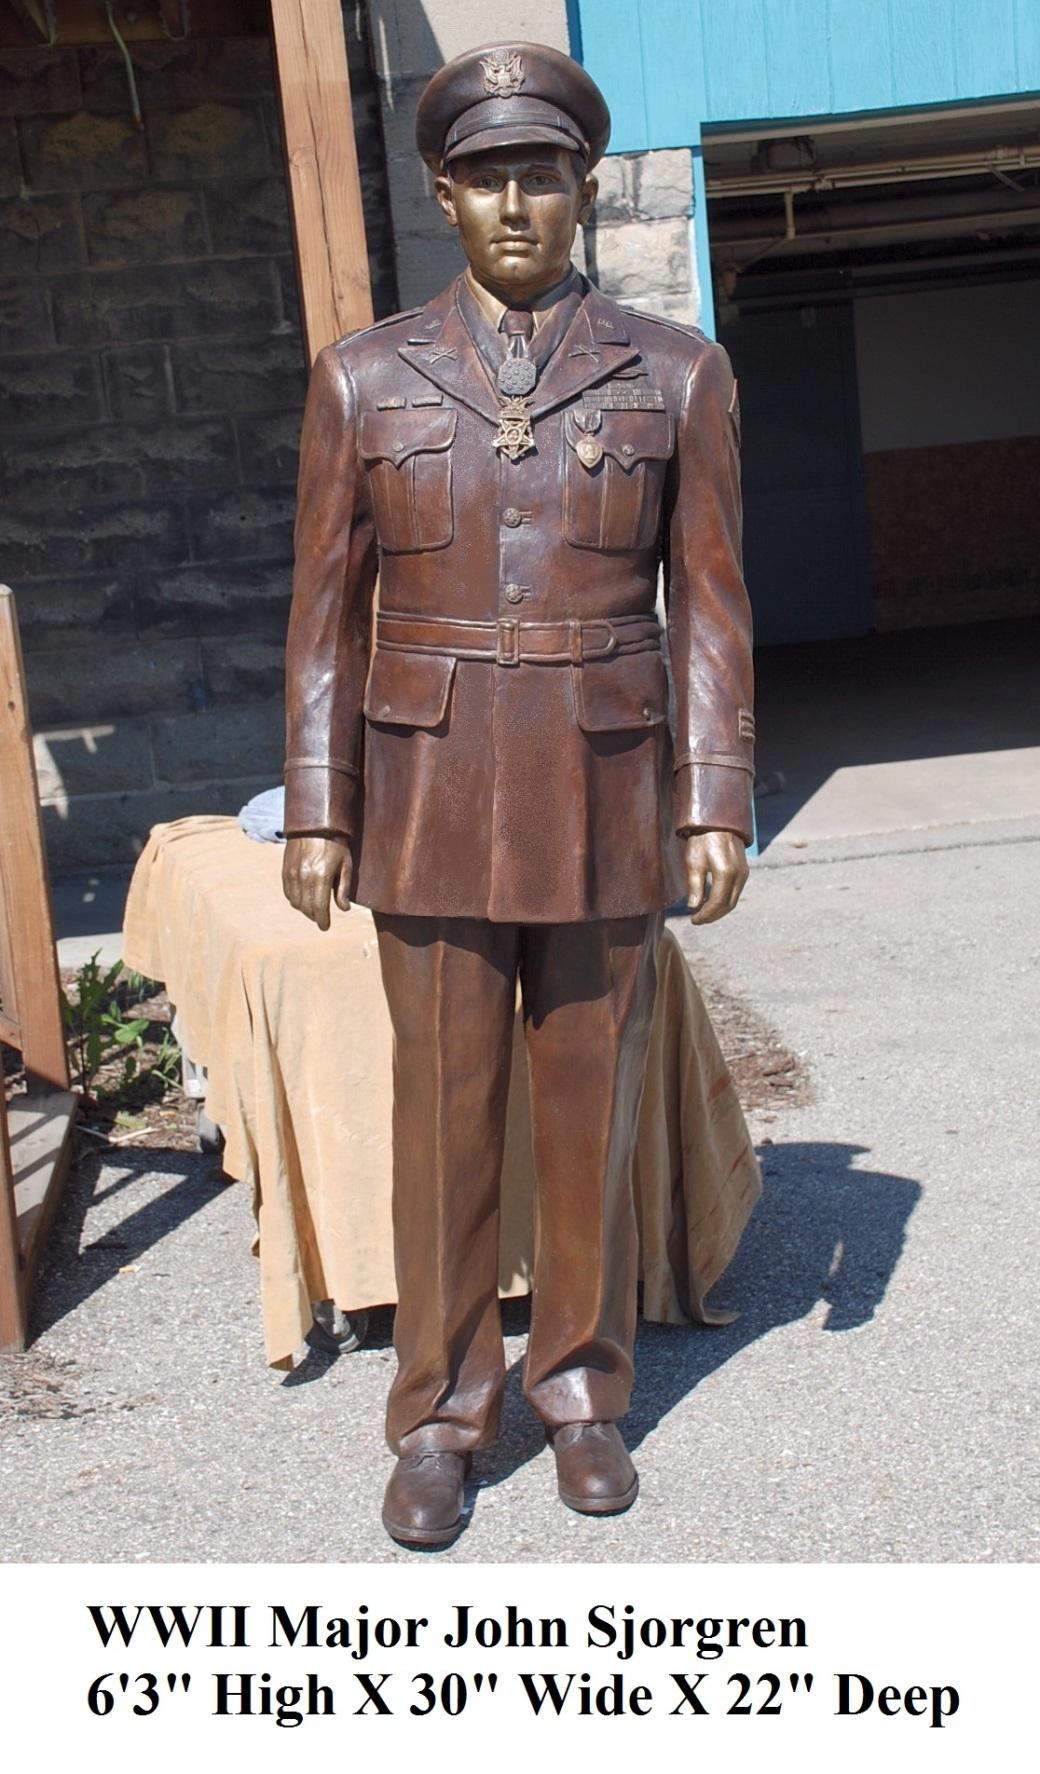 WWII Major John Sjorgren